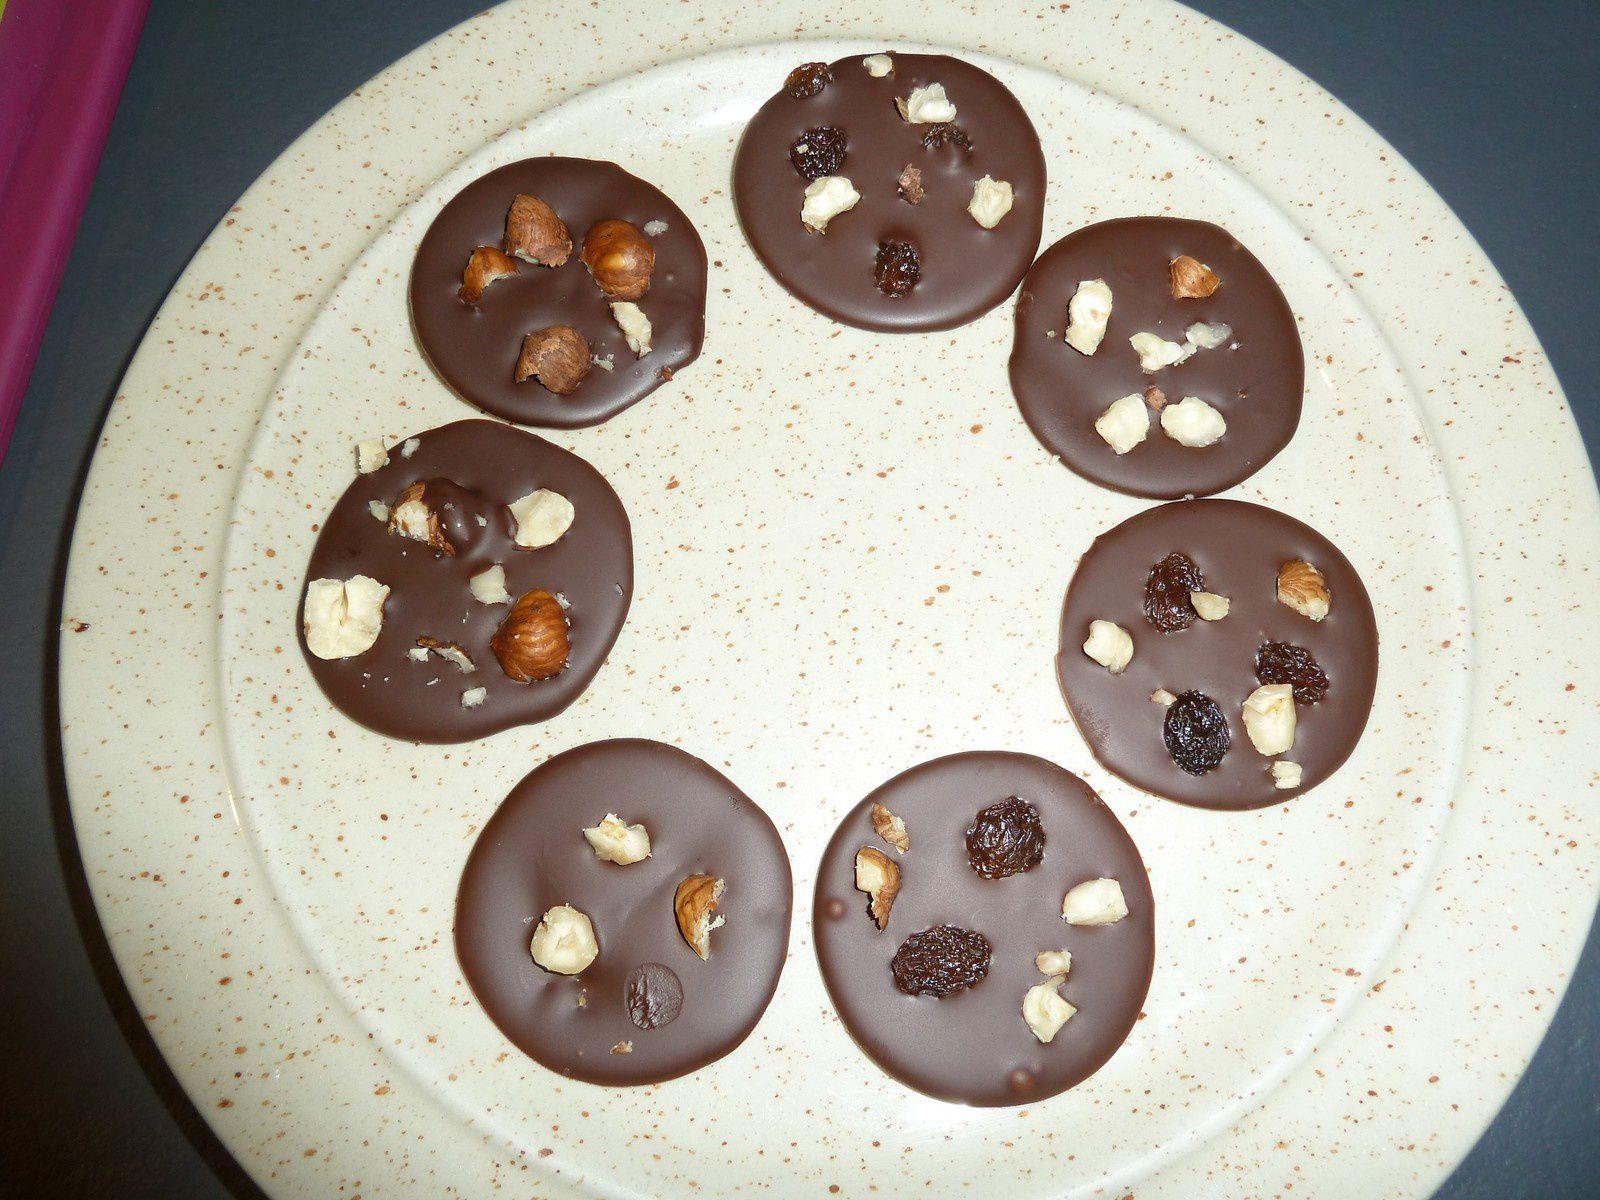 Bon là je n'ai fait que chocolat noir et raisins noisettes car je n'avais rien d'autre, mais il faut varier les plaisirs